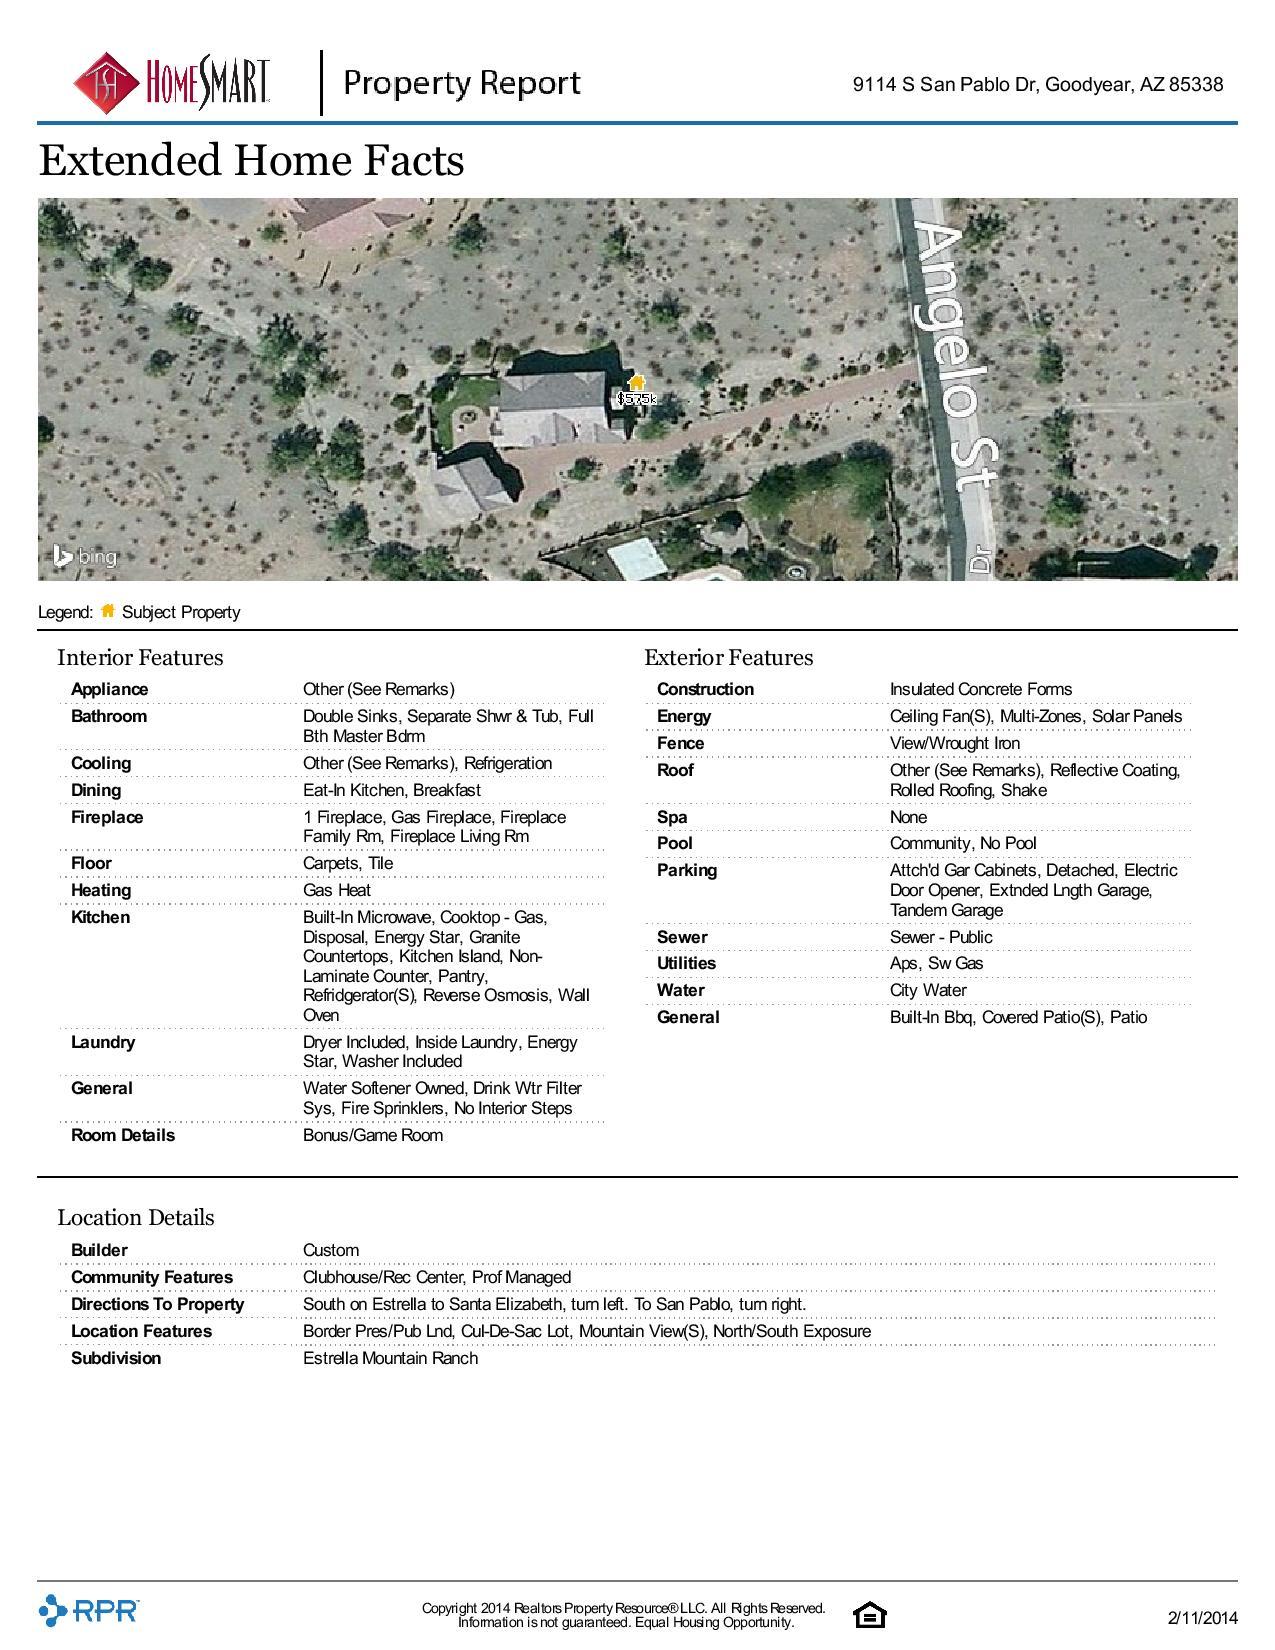 9114-S-San-Pablo-Dr-Goodyear-AZ-85338-page-004